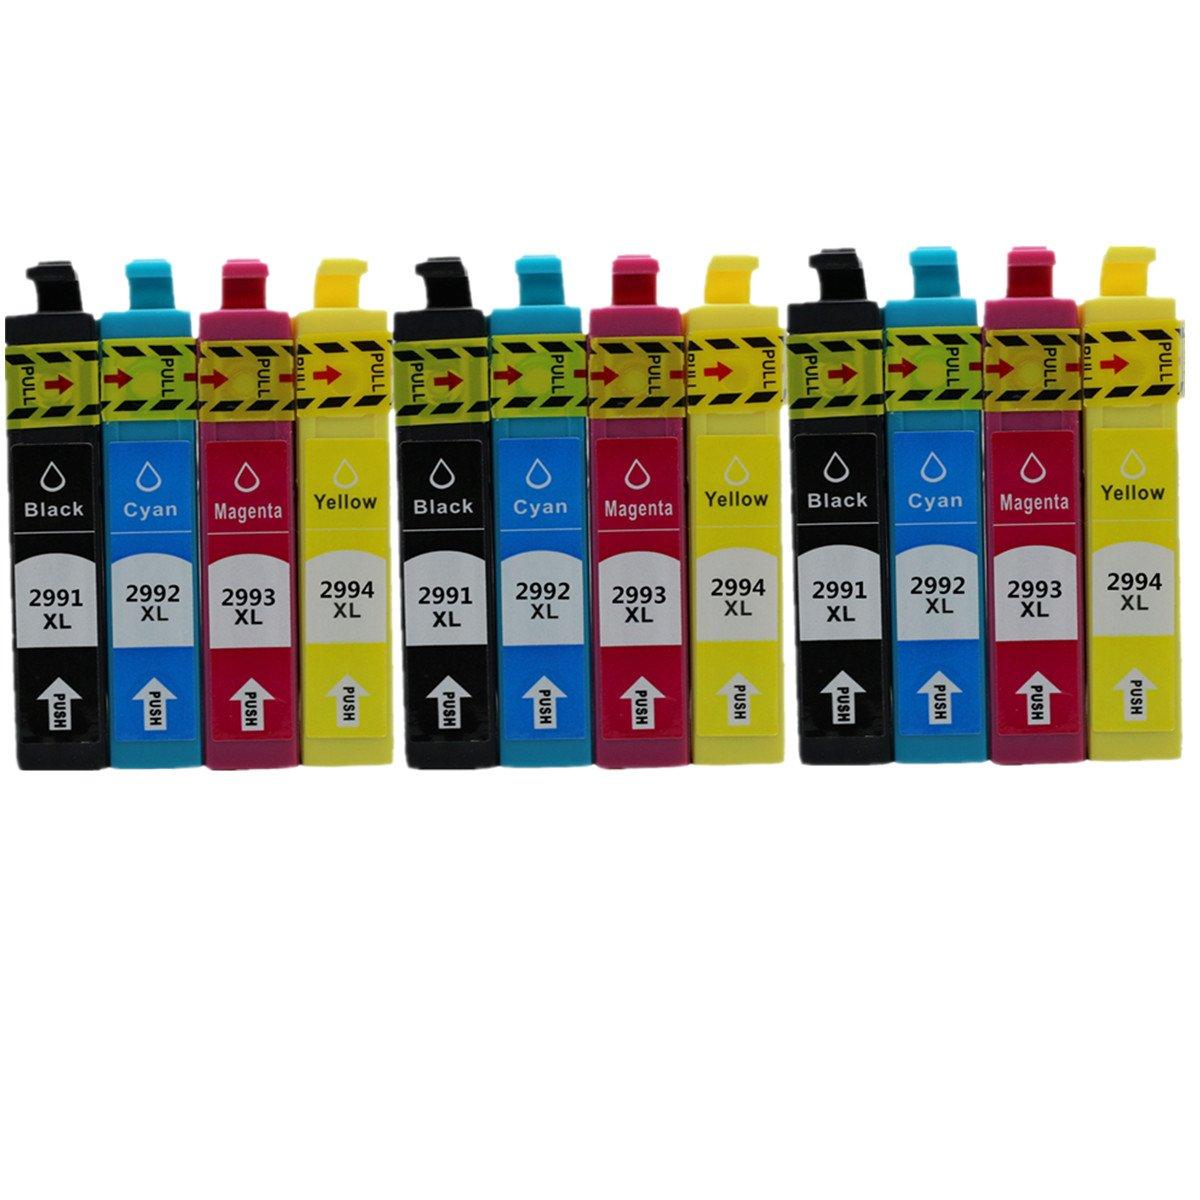 Juego de 3 Piezas de Repuesto para Epson Epson para Expression Home XP235 XP332 XP335 XP432 XP435 Impresora de inyección de Tinta (3 Negros, 3, Cian, Magenta, 3 Amarillos) 3553f7